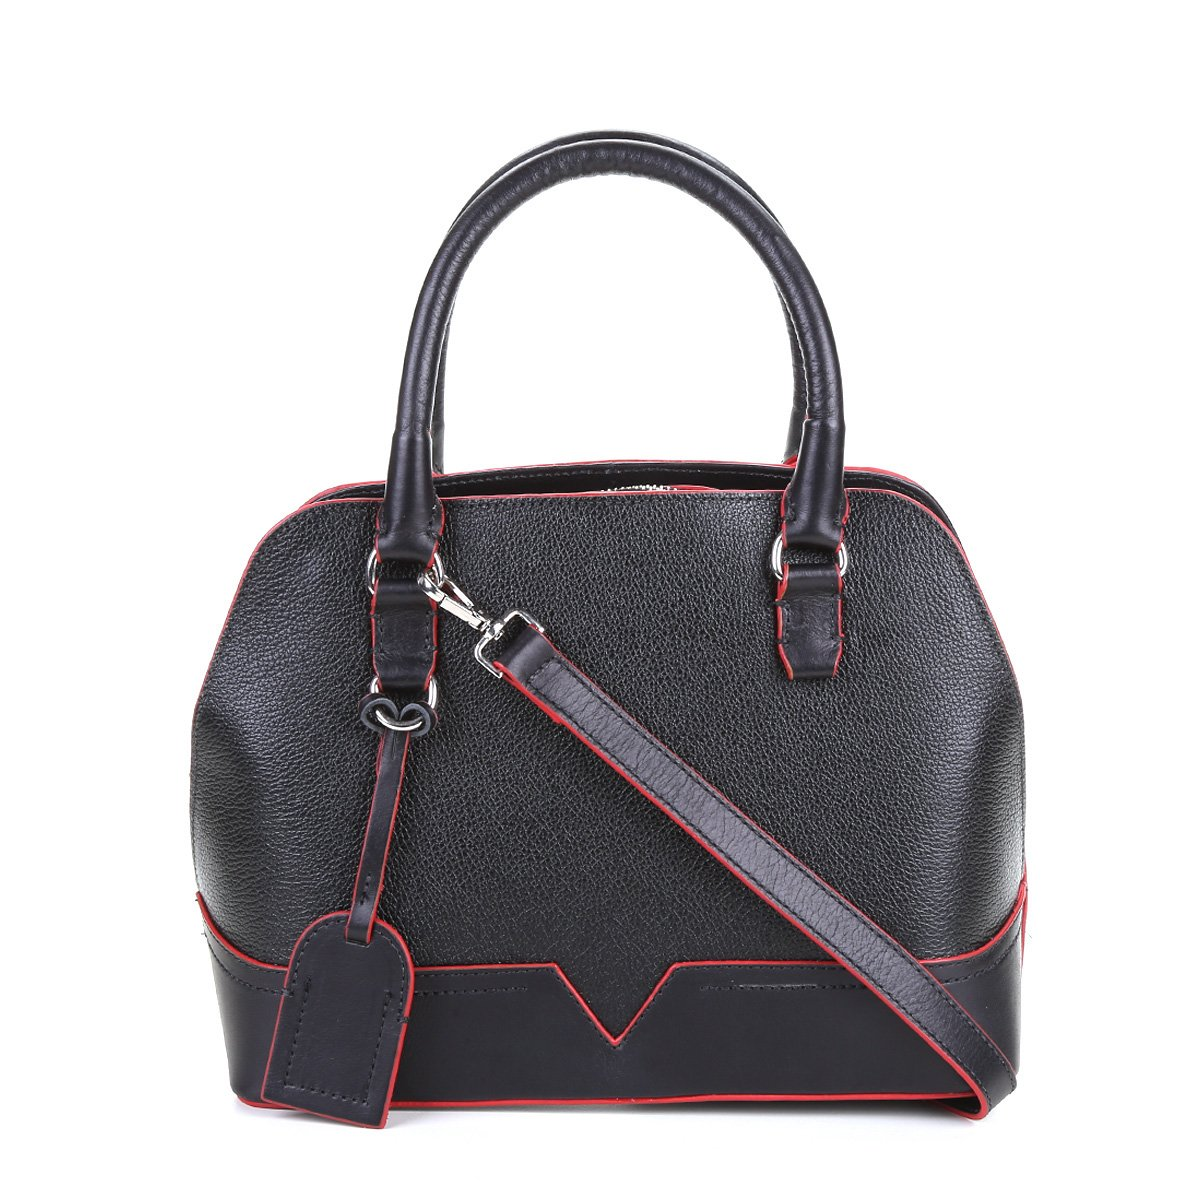 f18964cabb Bolsa Couro Shoestock Handbag Clássica Feminina - Compre Agora ...